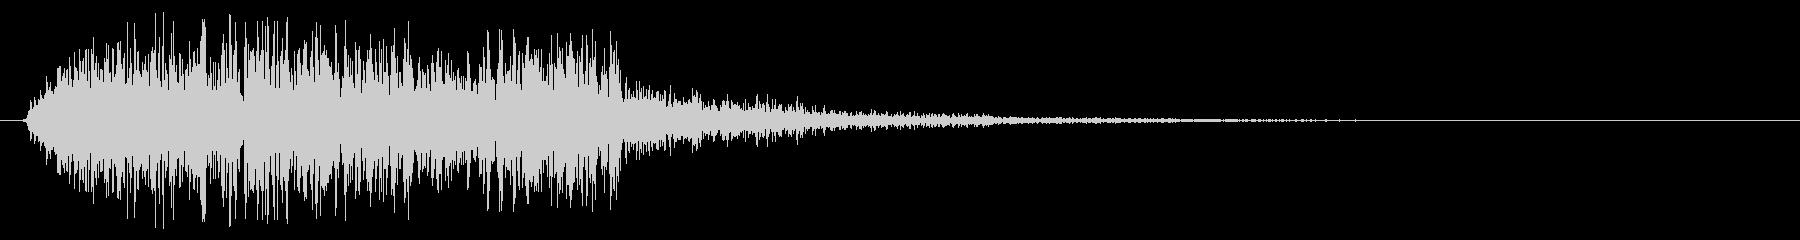 ビュシュルルッ(回転音)の未再生の波形